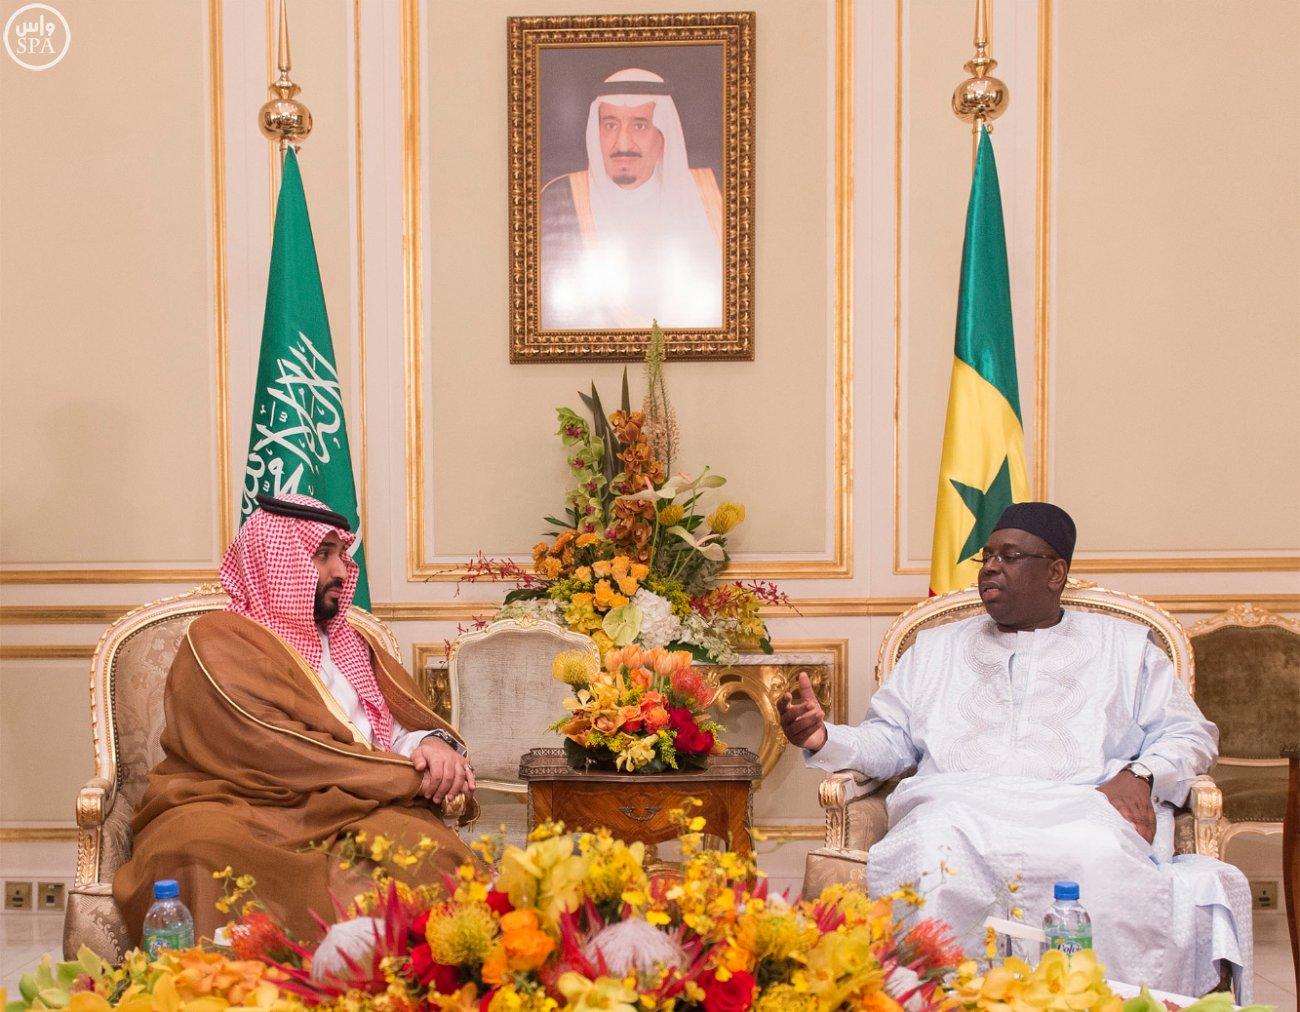 الرئيس السنغالي ووزير الدفاع السعودي أثناء لقائهما بقصر الضيافة بالرياض